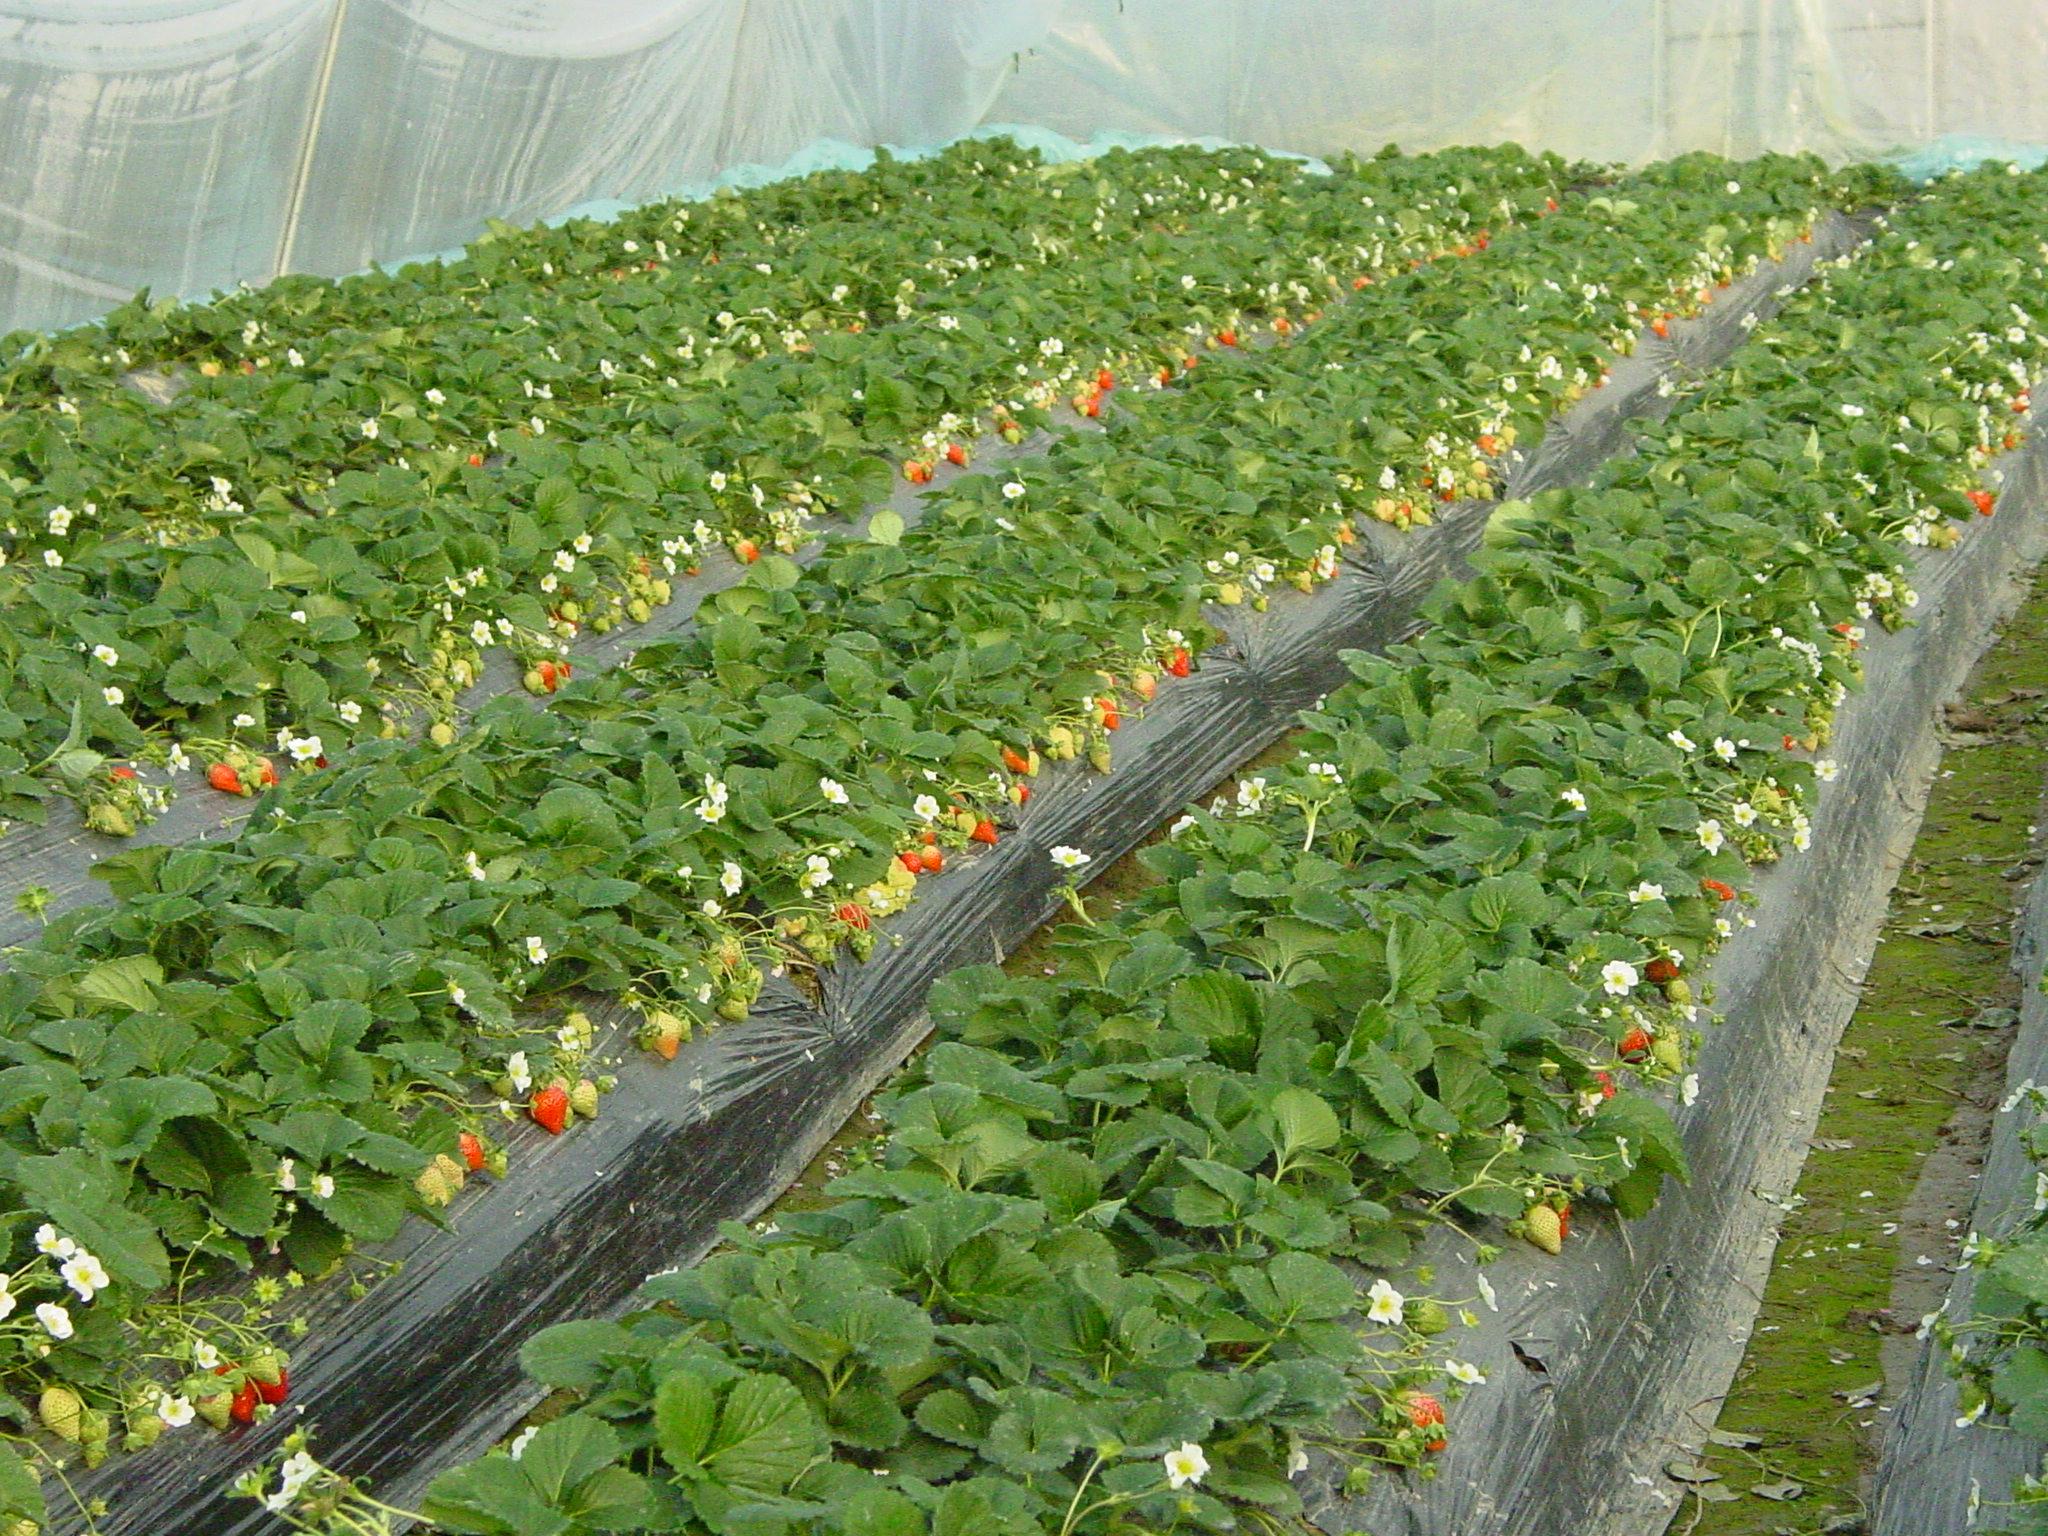 枝农法兰地草莓